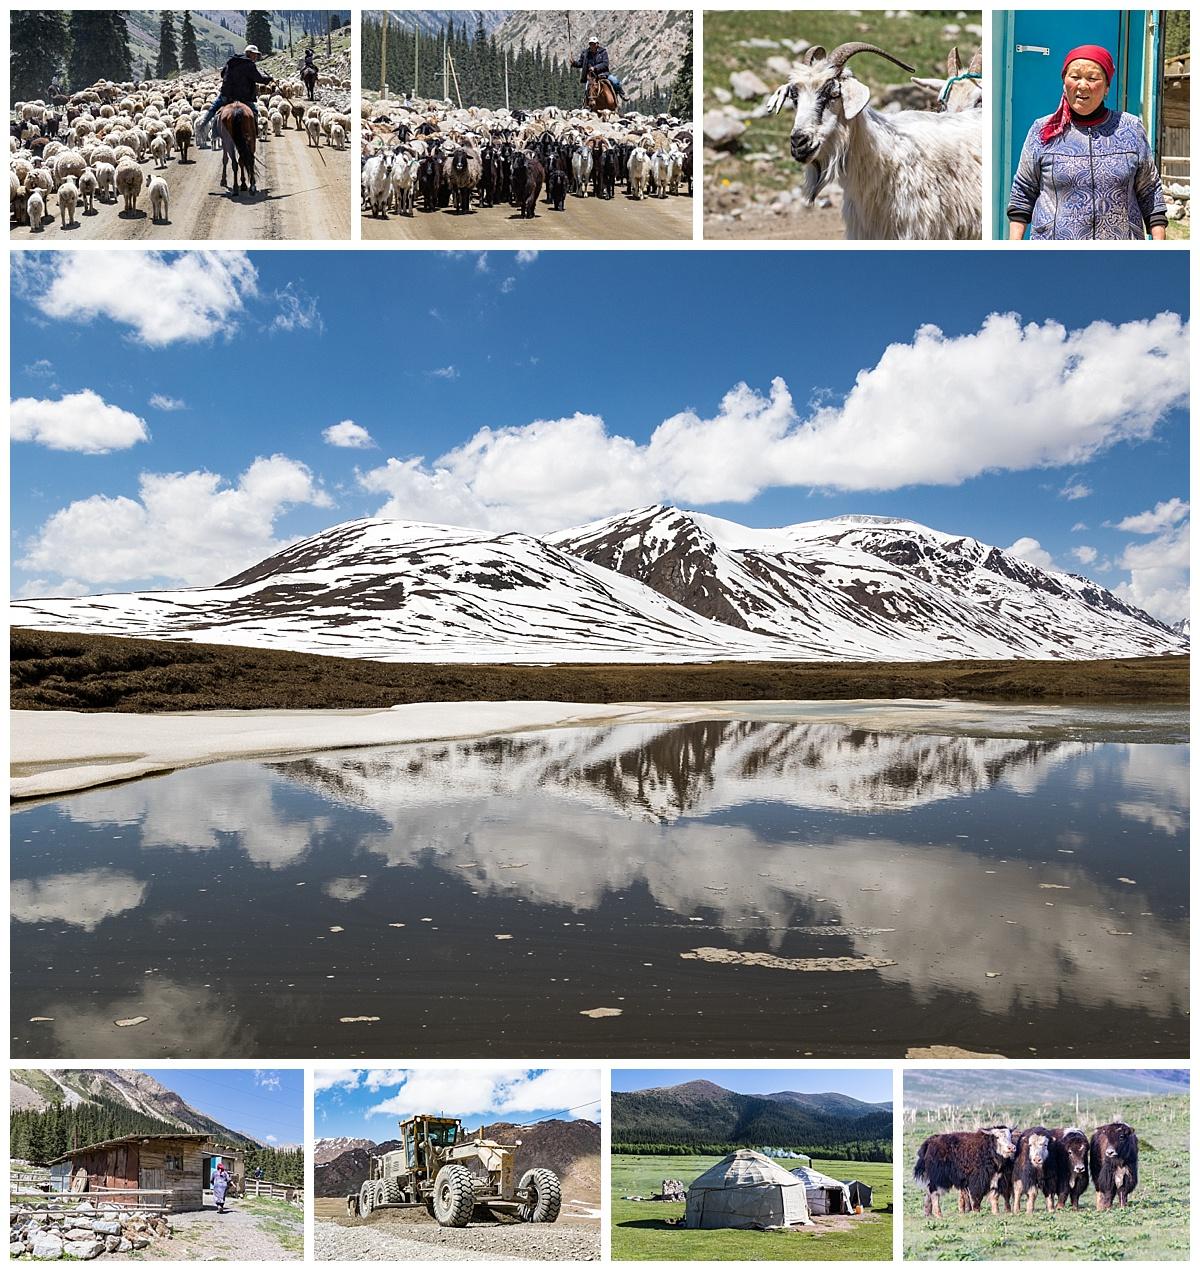 Issyk Kul, Kyrgyzstan - sheep herder